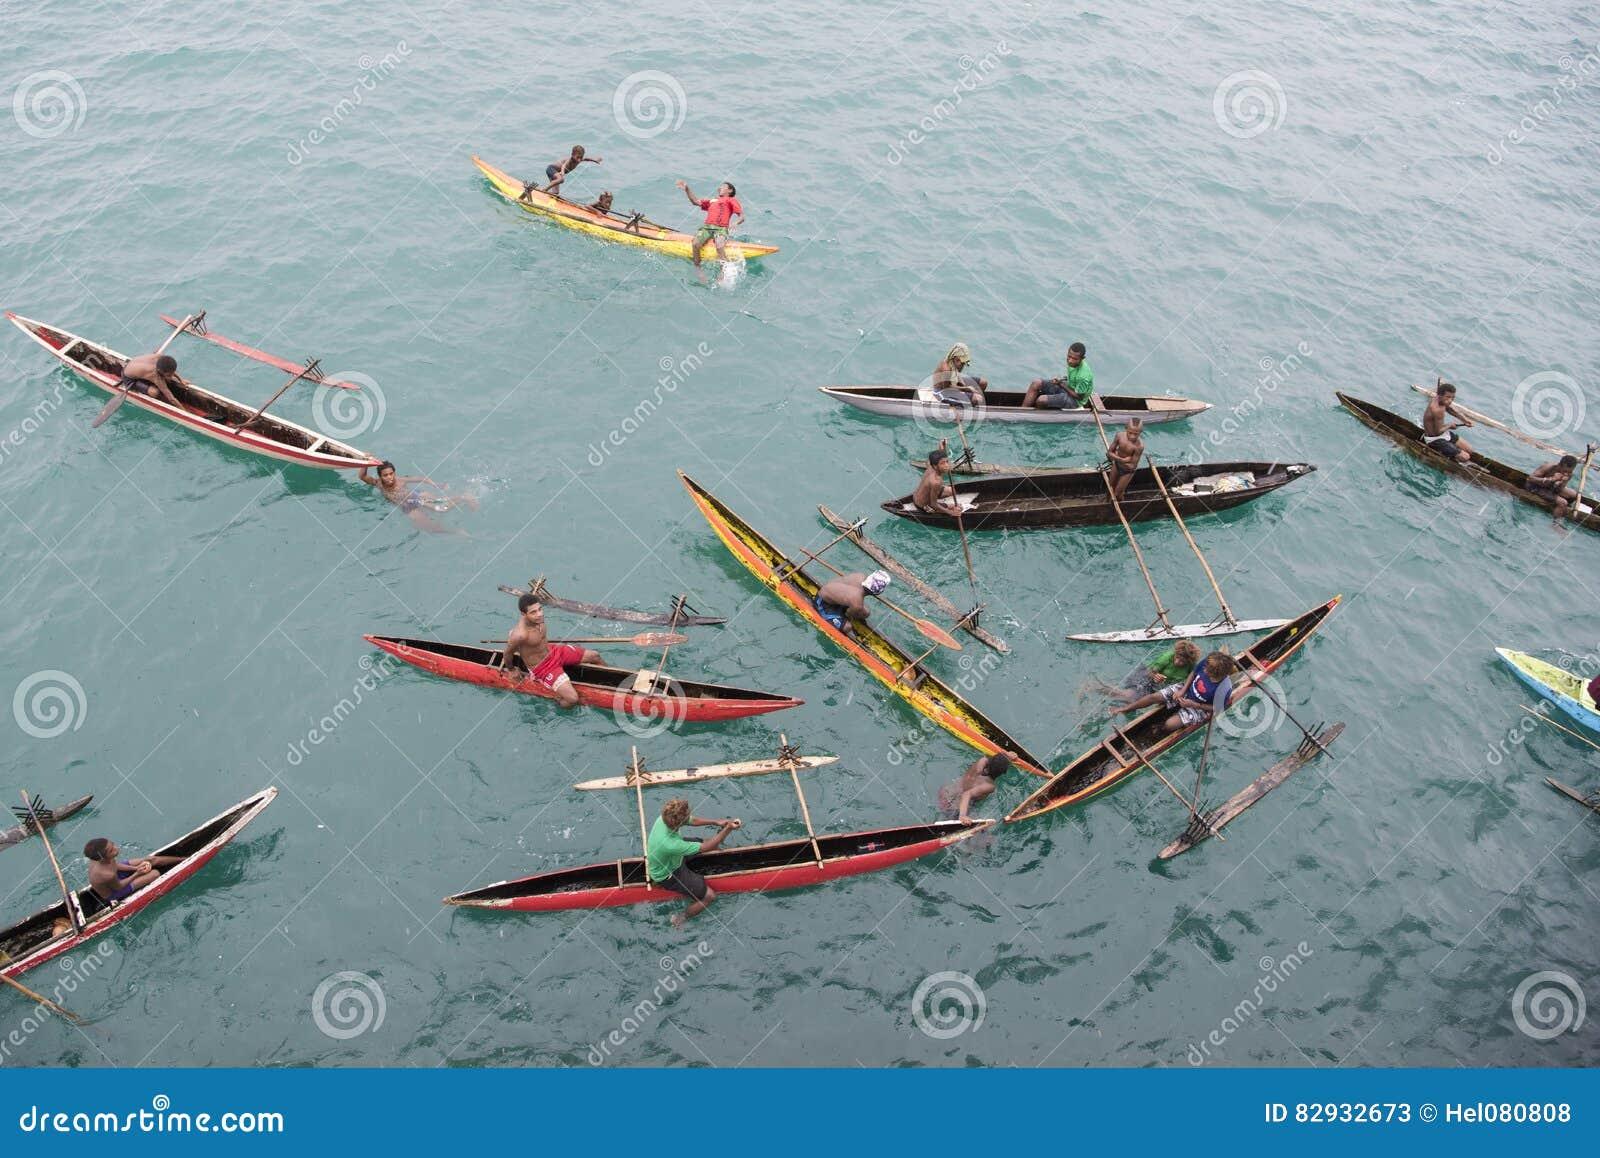 Les gens appréciant la pluie dans des canoës sur l océan pacifique